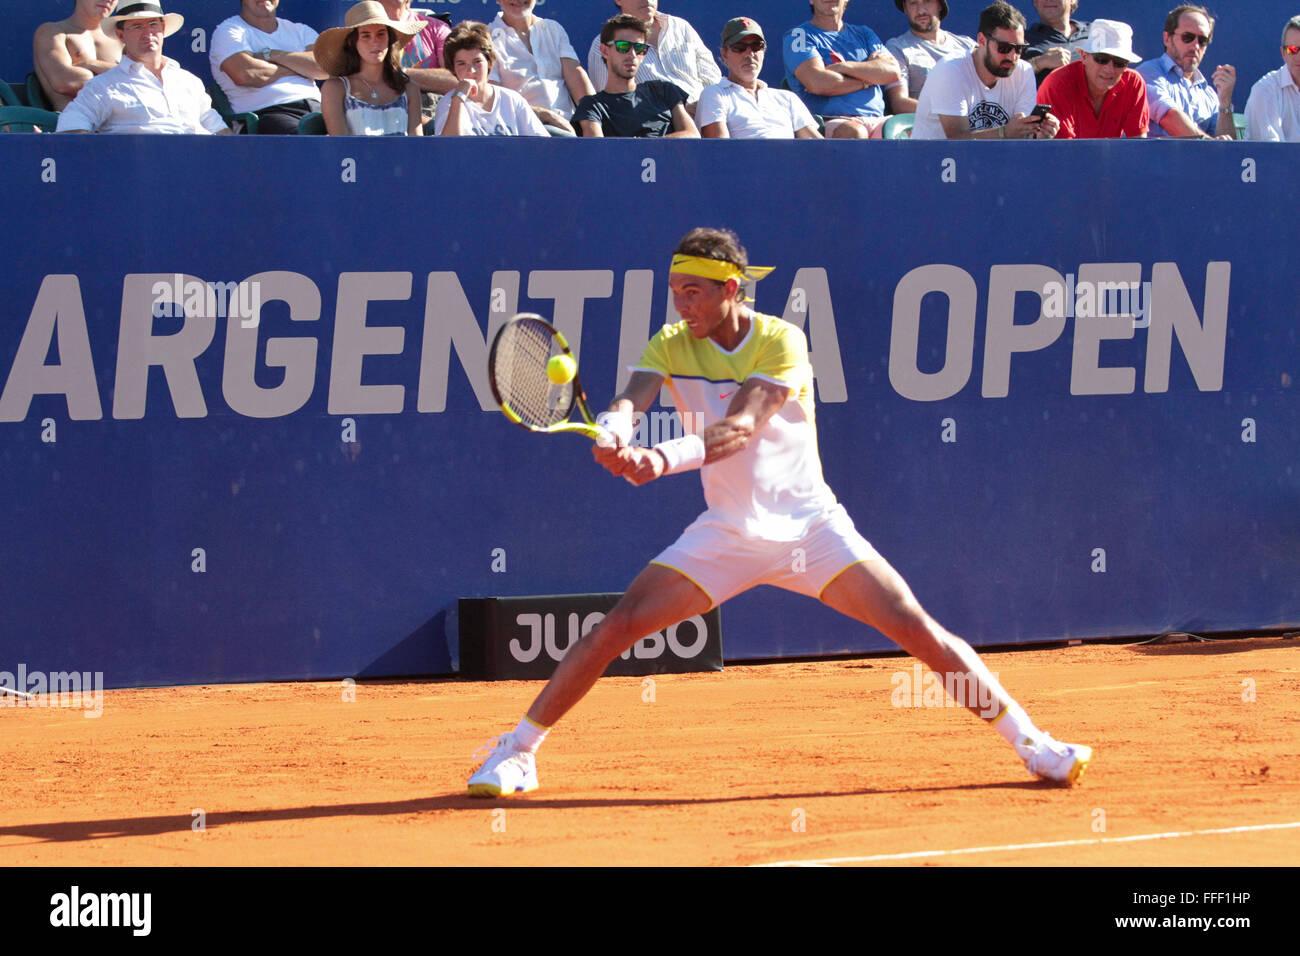 Buenos Aires, Argentina. 12 de febrero de 2016. Rafael Nadal durante el partido cuarterfinal en la cancha central de tenis de césped de Buenos Aires el viernes. (Foto: Néstor J. Beremlum) Foto de stock